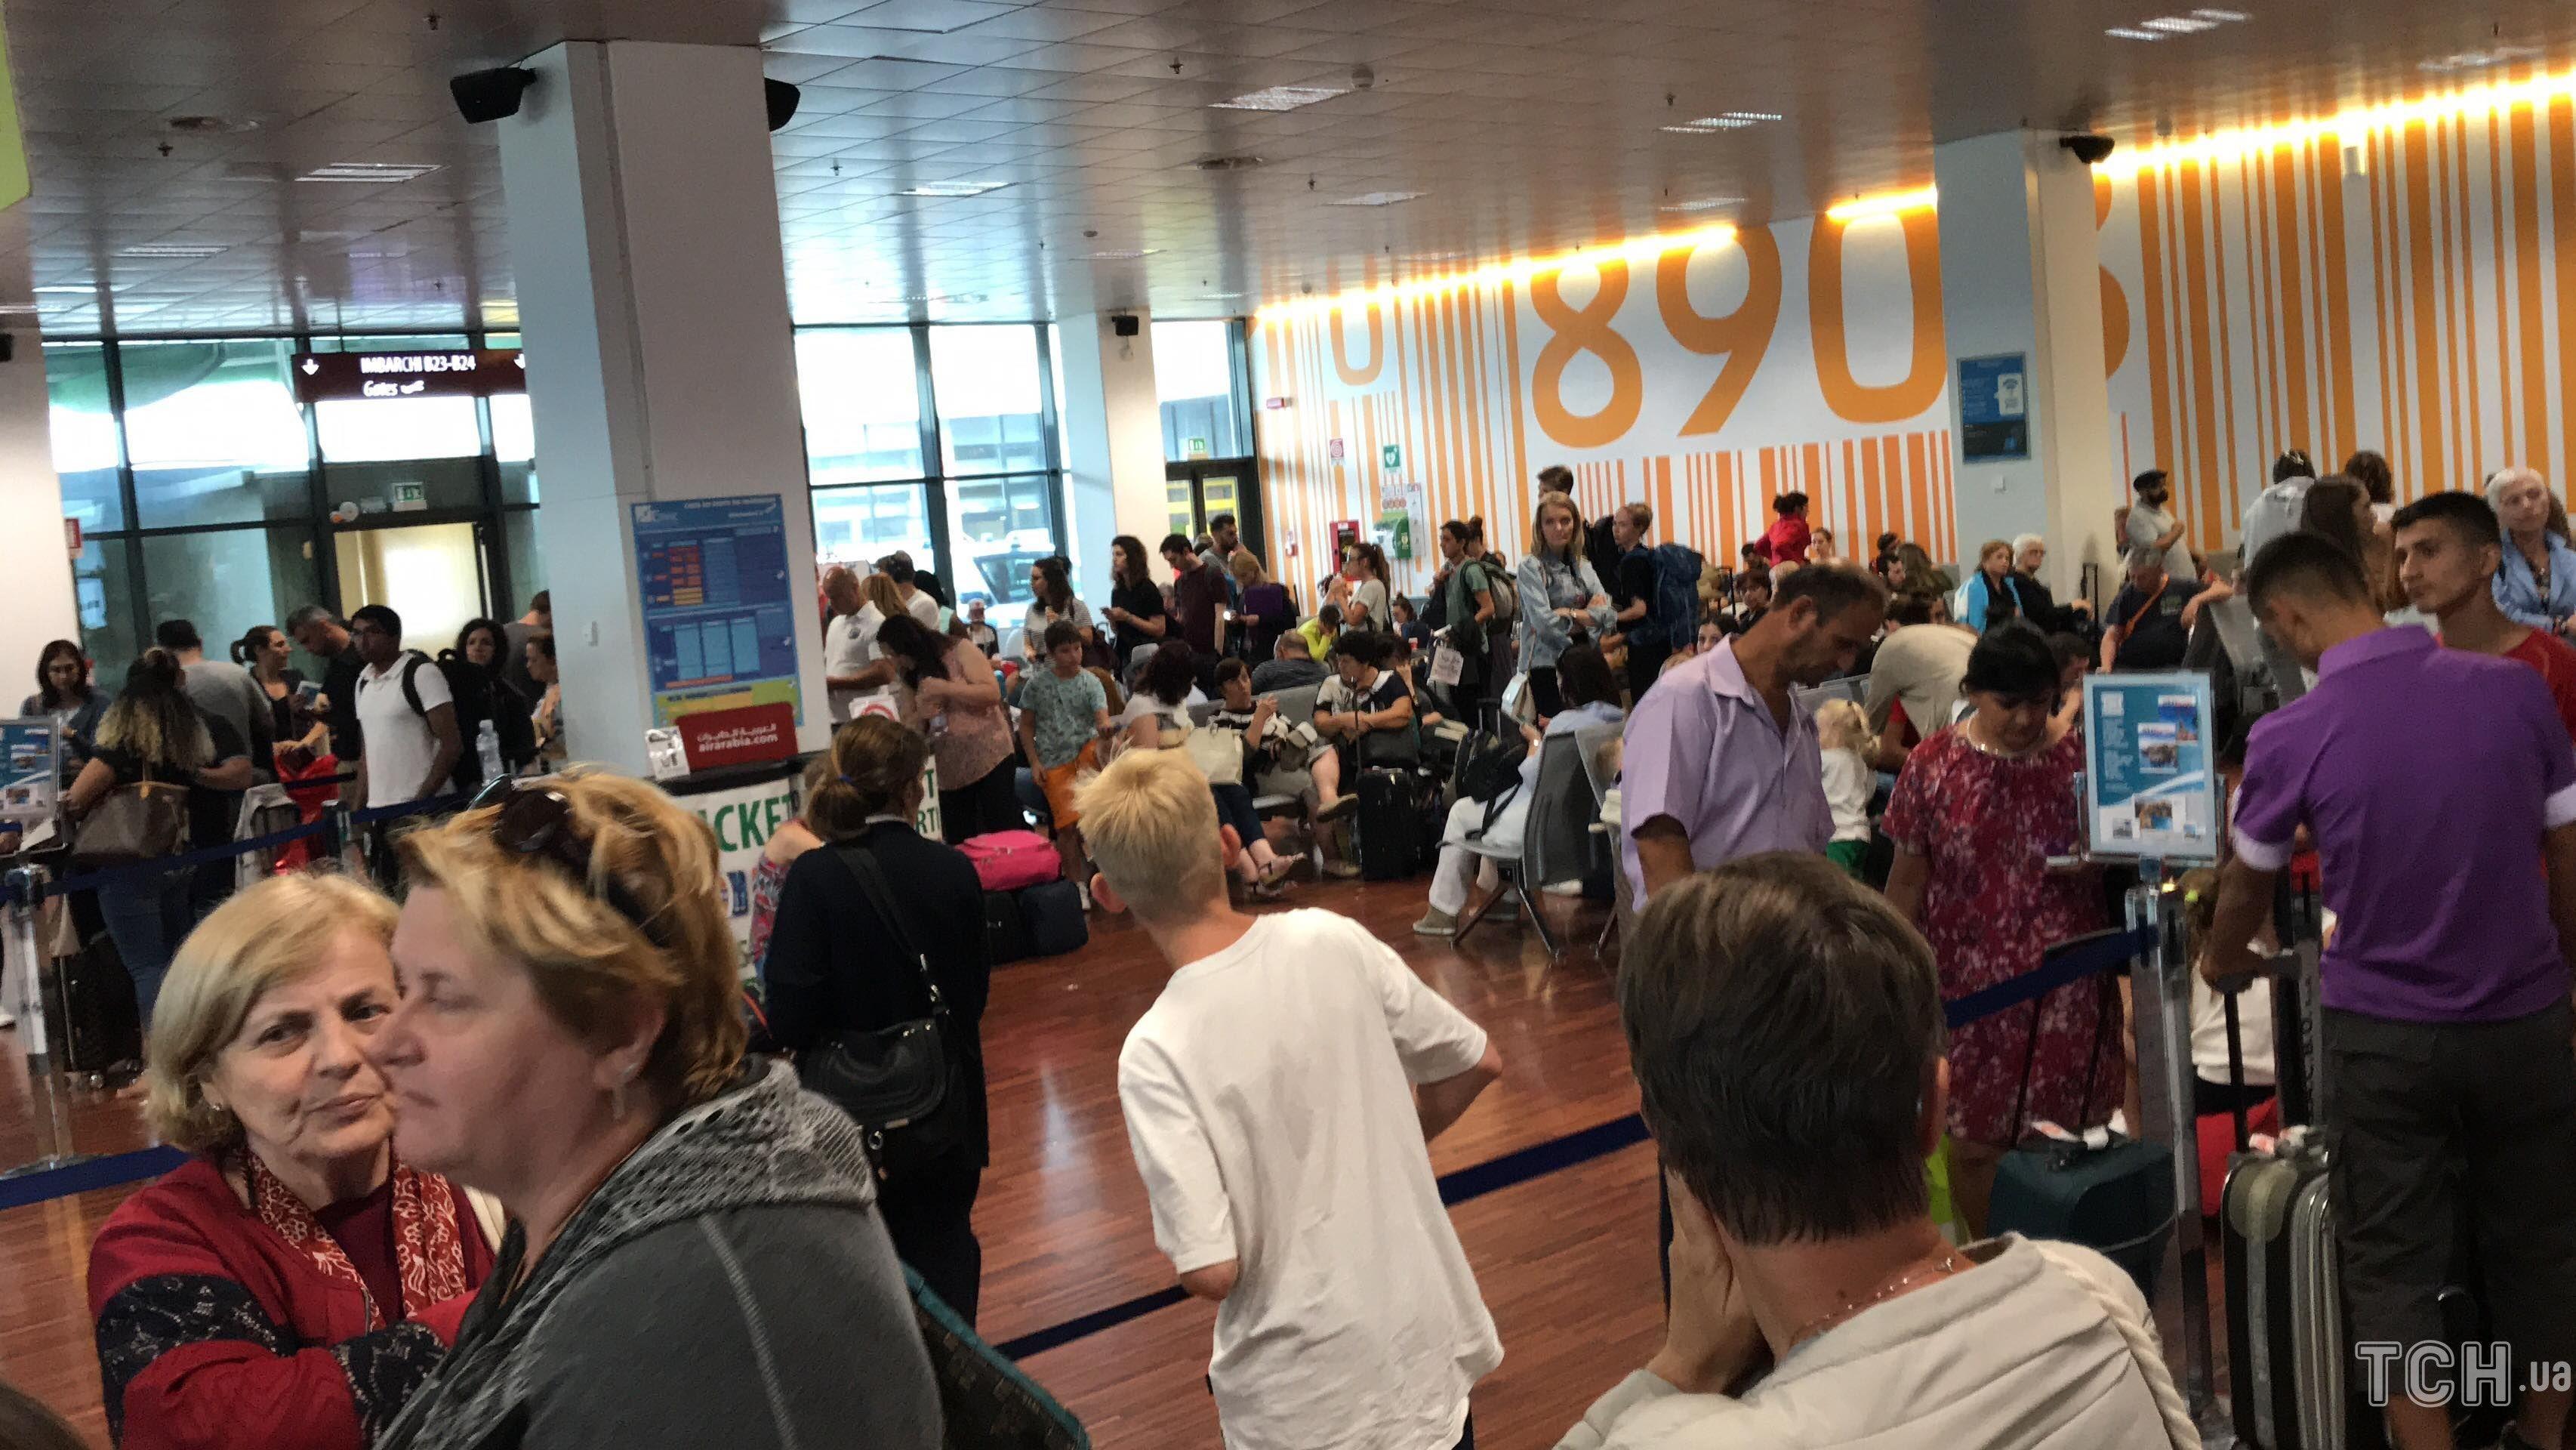 Затримка рейсу, Ernest Airlines, Мілан_1